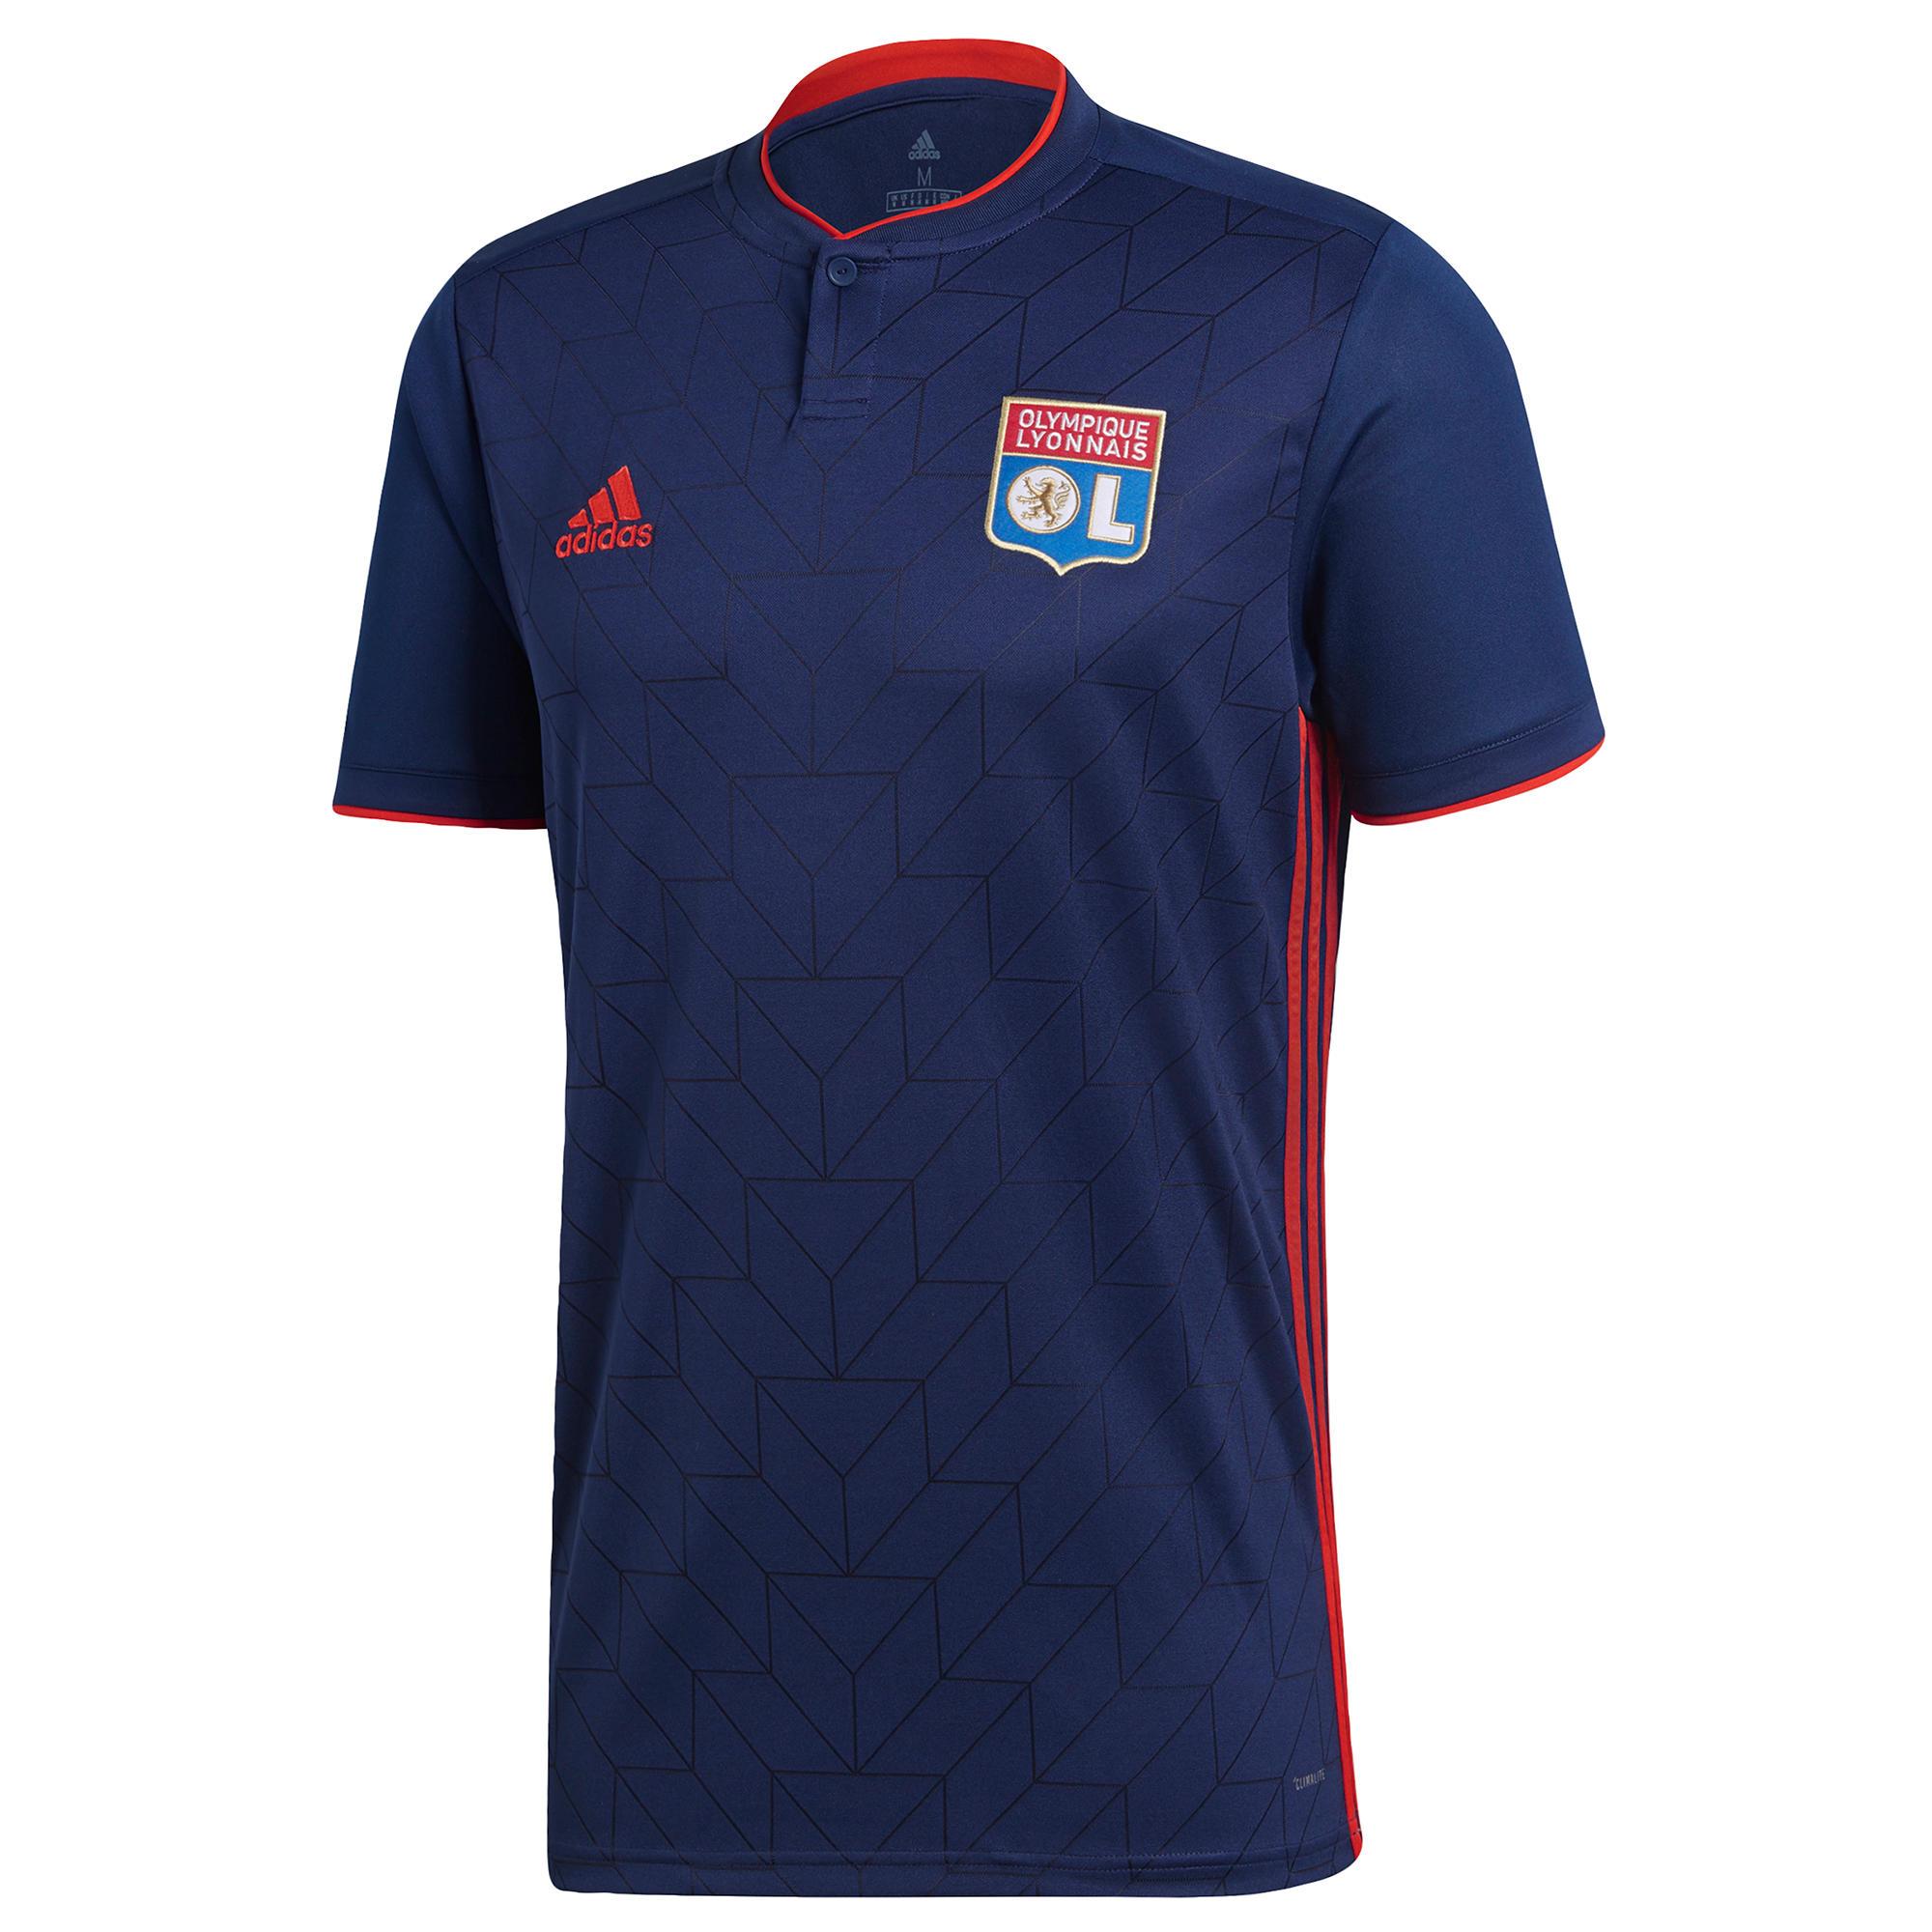 Camisetas Oficiales Selecciones y Equipos Fútbol  bf479682e99b9